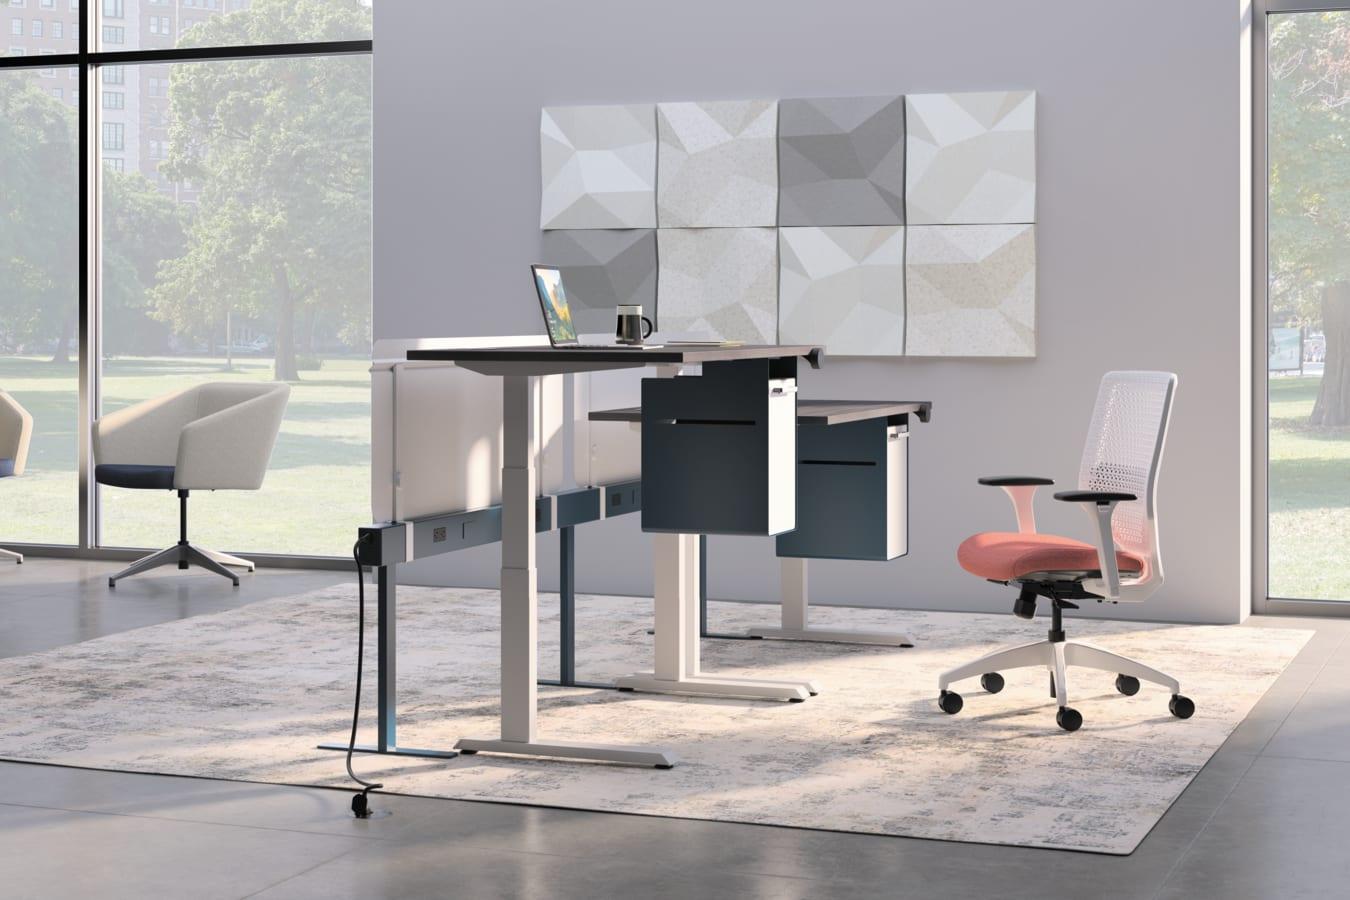 HON/Tables/Coordinate/HON-Coordinate-Solve-500-001